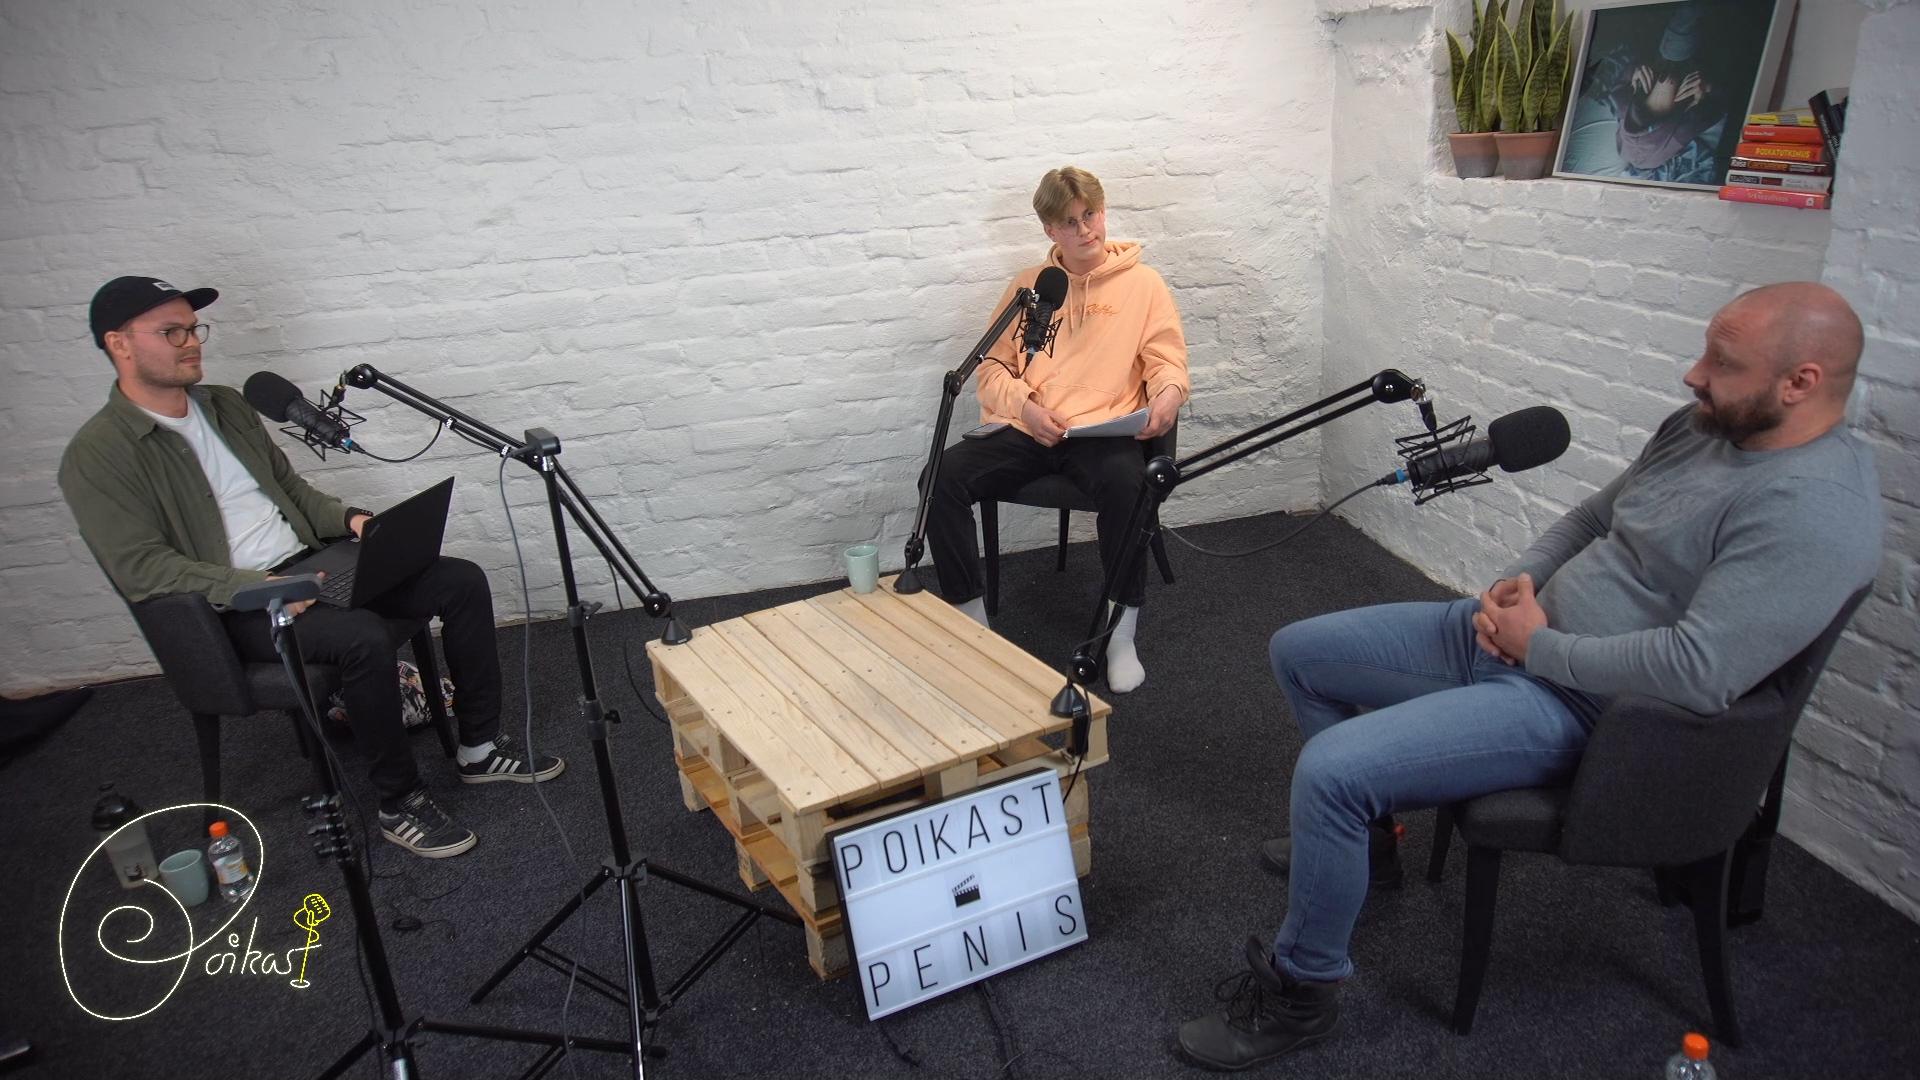 Kuva Poikien Puhelimen studiosta, jossa käynnissä livepodcast. Lähetystä juontaa Poikien Puhelimen asiantuntija Samuli ja nuorten ääntä edustava Eevert. Vieraana asiantuntijalääkäri Vilho Ahola.